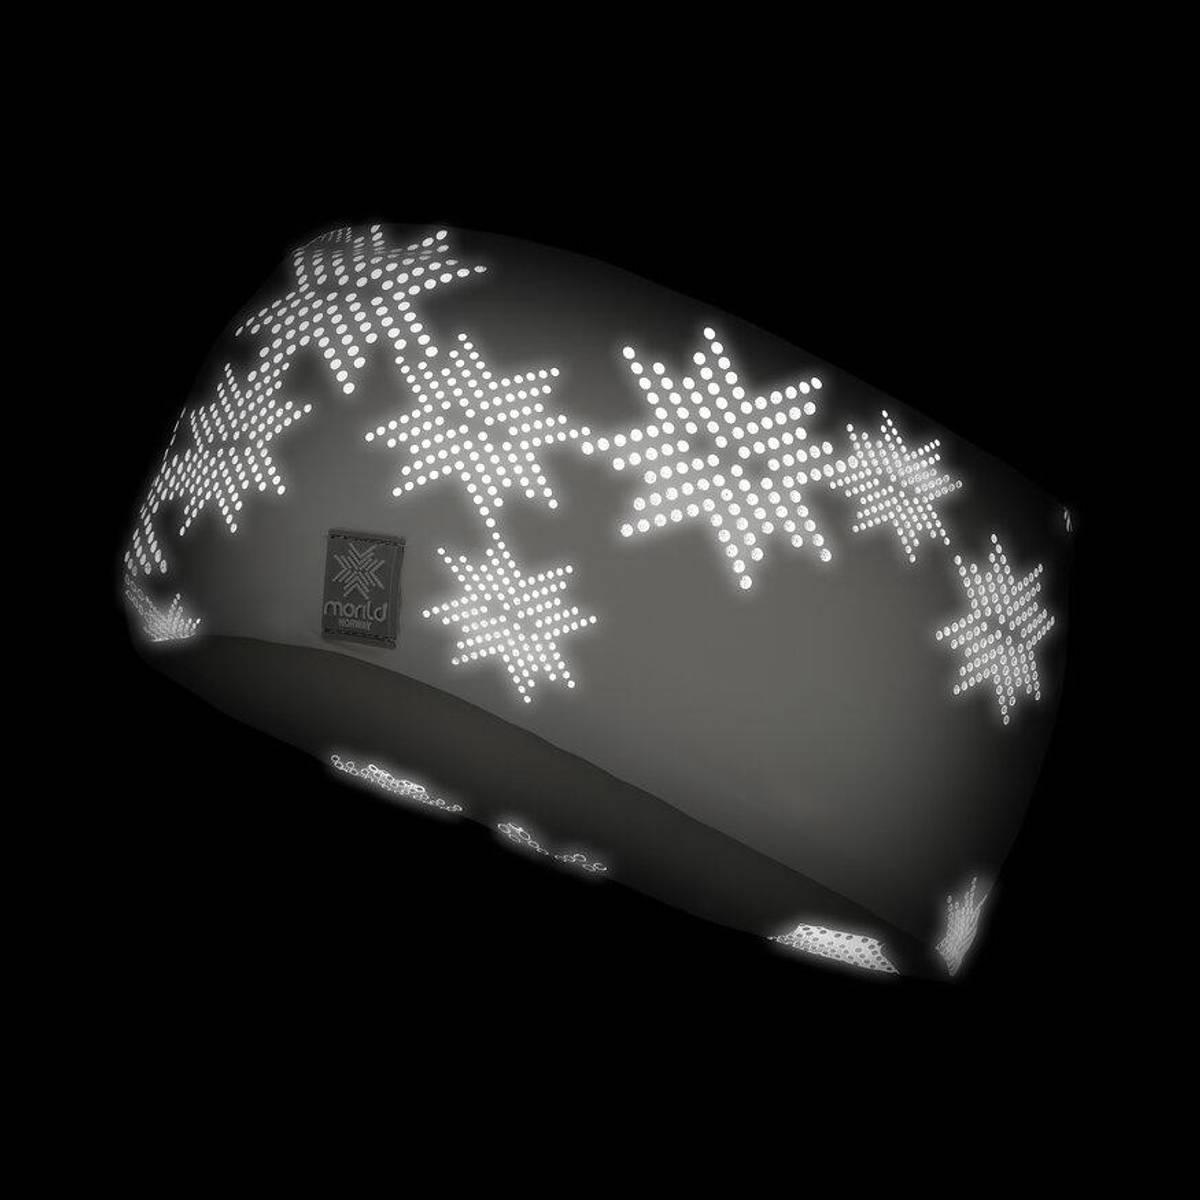 Morild Skimre pannebånd med refleks, hvit